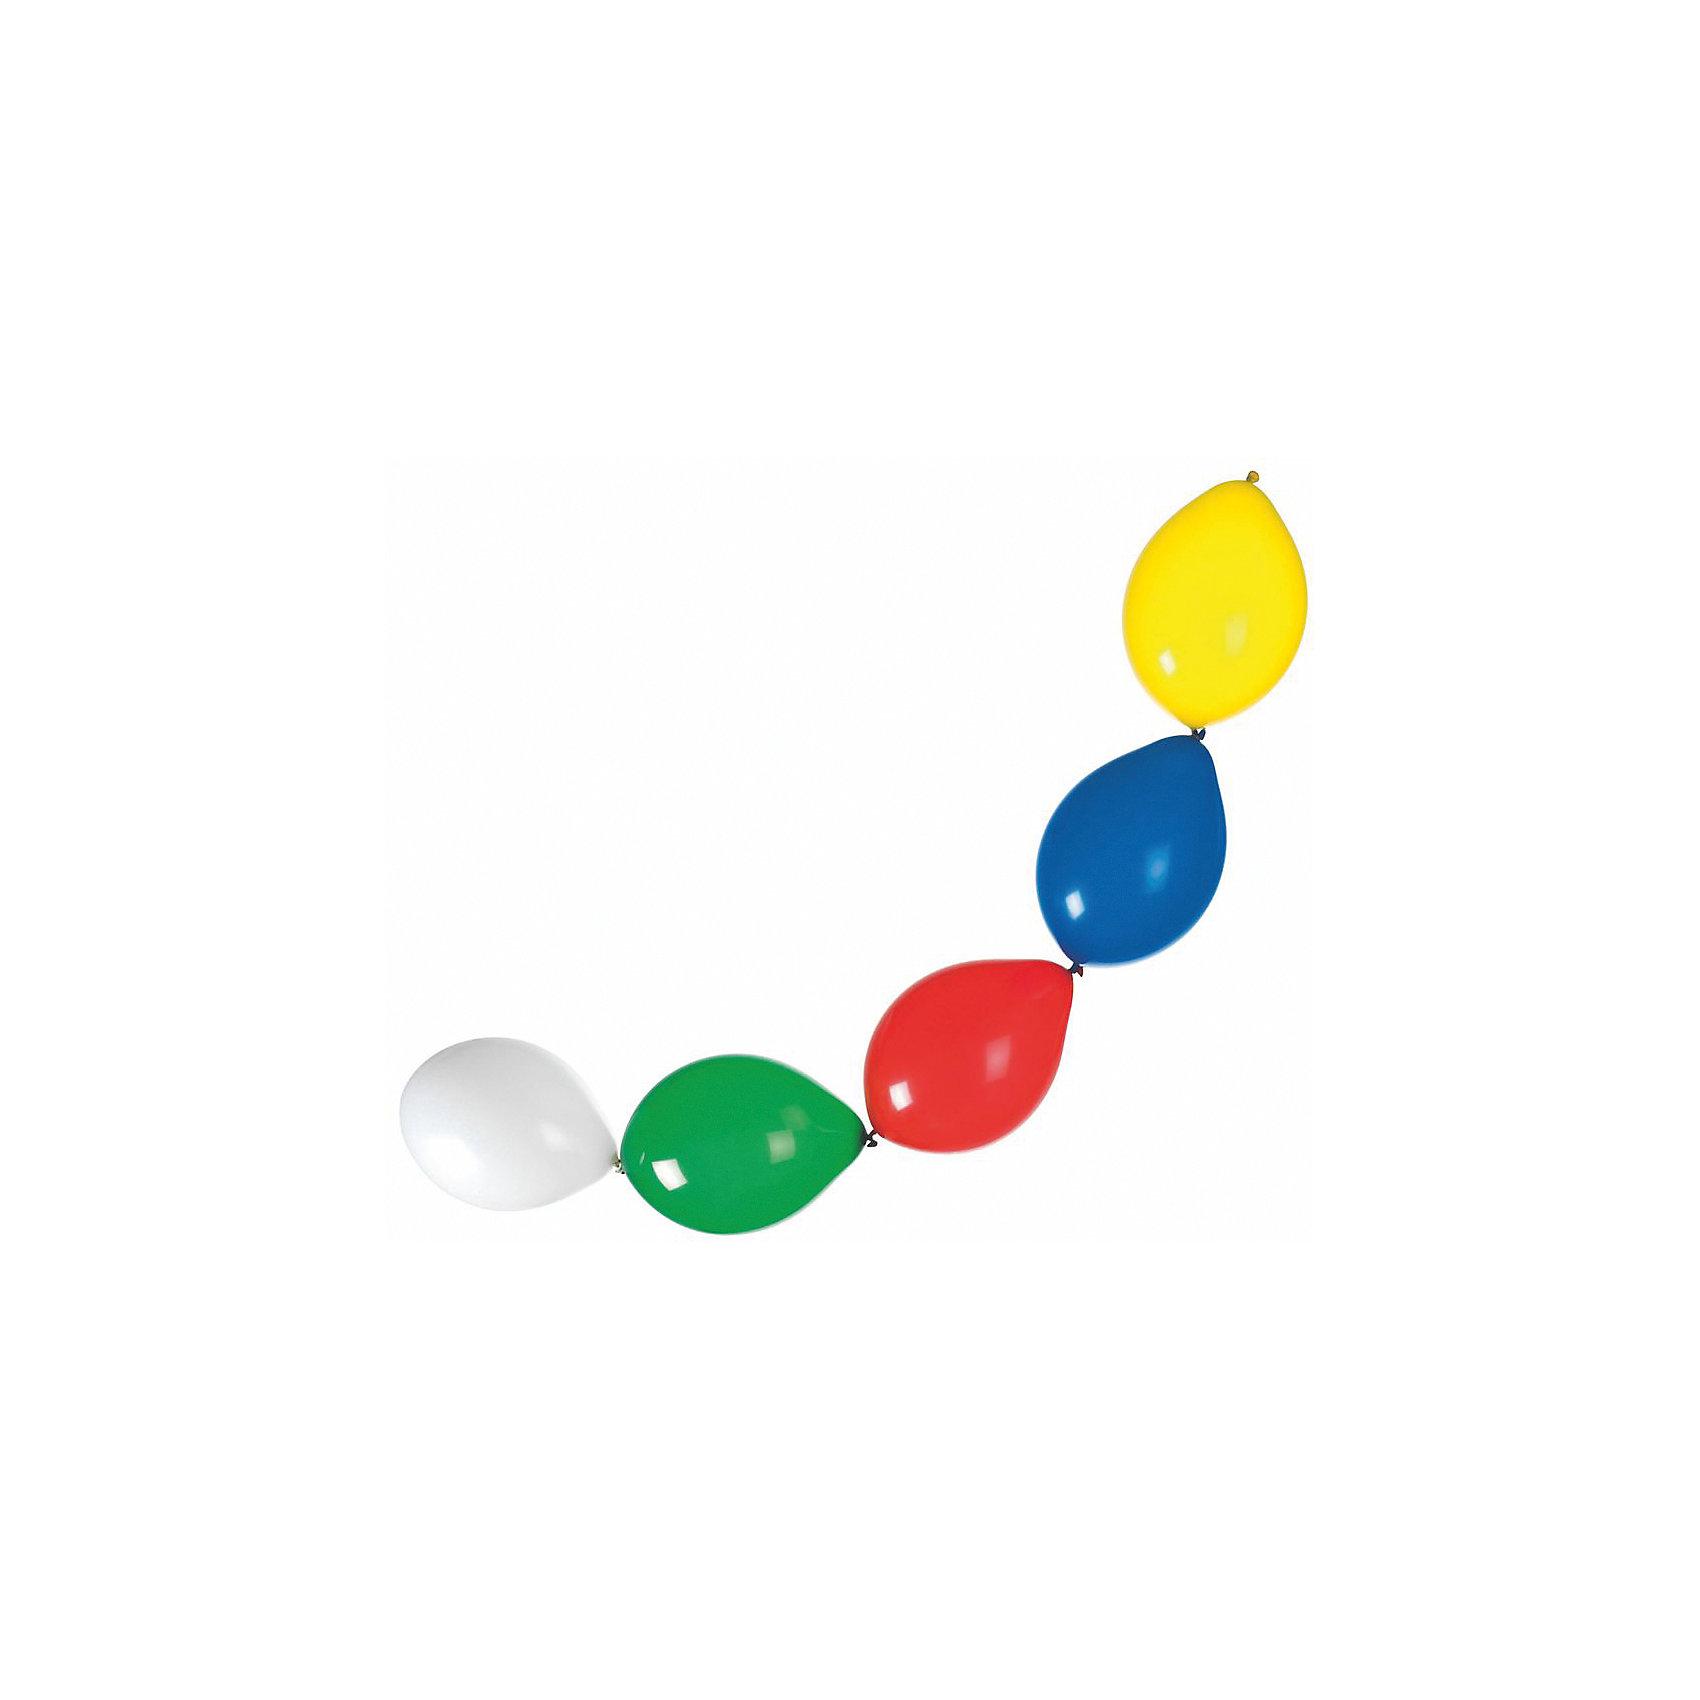 Гирлянда из шаров, 12 штВсё для праздника<br>Характеристики товара:<br><br>• возраст: от 3 лет<br>• цвет: мульти<br>• материал: биоразлагаемый латекс<br>• размер упаковки: 13х22х3 см<br>• 12 шаров<br>• вес: 50 г<br>• страна бренда: Германия<br>• страна изготовитель: Германия<br><br>ЯРазноцветная гирлянда из шаров добавит ярких красок в интерьер и дополнит атмосферу праздника. <br><br>Она без труда крепится и ею можно украсить стены или окно помещения.<br><br>Изделие произведено из безопасного для детей материала.<br><br>Гирлянду из шаров 1.75 м.,12 шт, от бренда Herlitz (Херлиц) можно купить в нашем интернет-магазине.<br><br>Ширина мм: 35<br>Глубина мм: 128<br>Высота мм: 220<br>Вес г: 52<br>Возраст от месяцев: 36<br>Возраст до месяцев: 2147483647<br>Пол: Унисекс<br>Возраст: Детский<br>SKU: 6886475